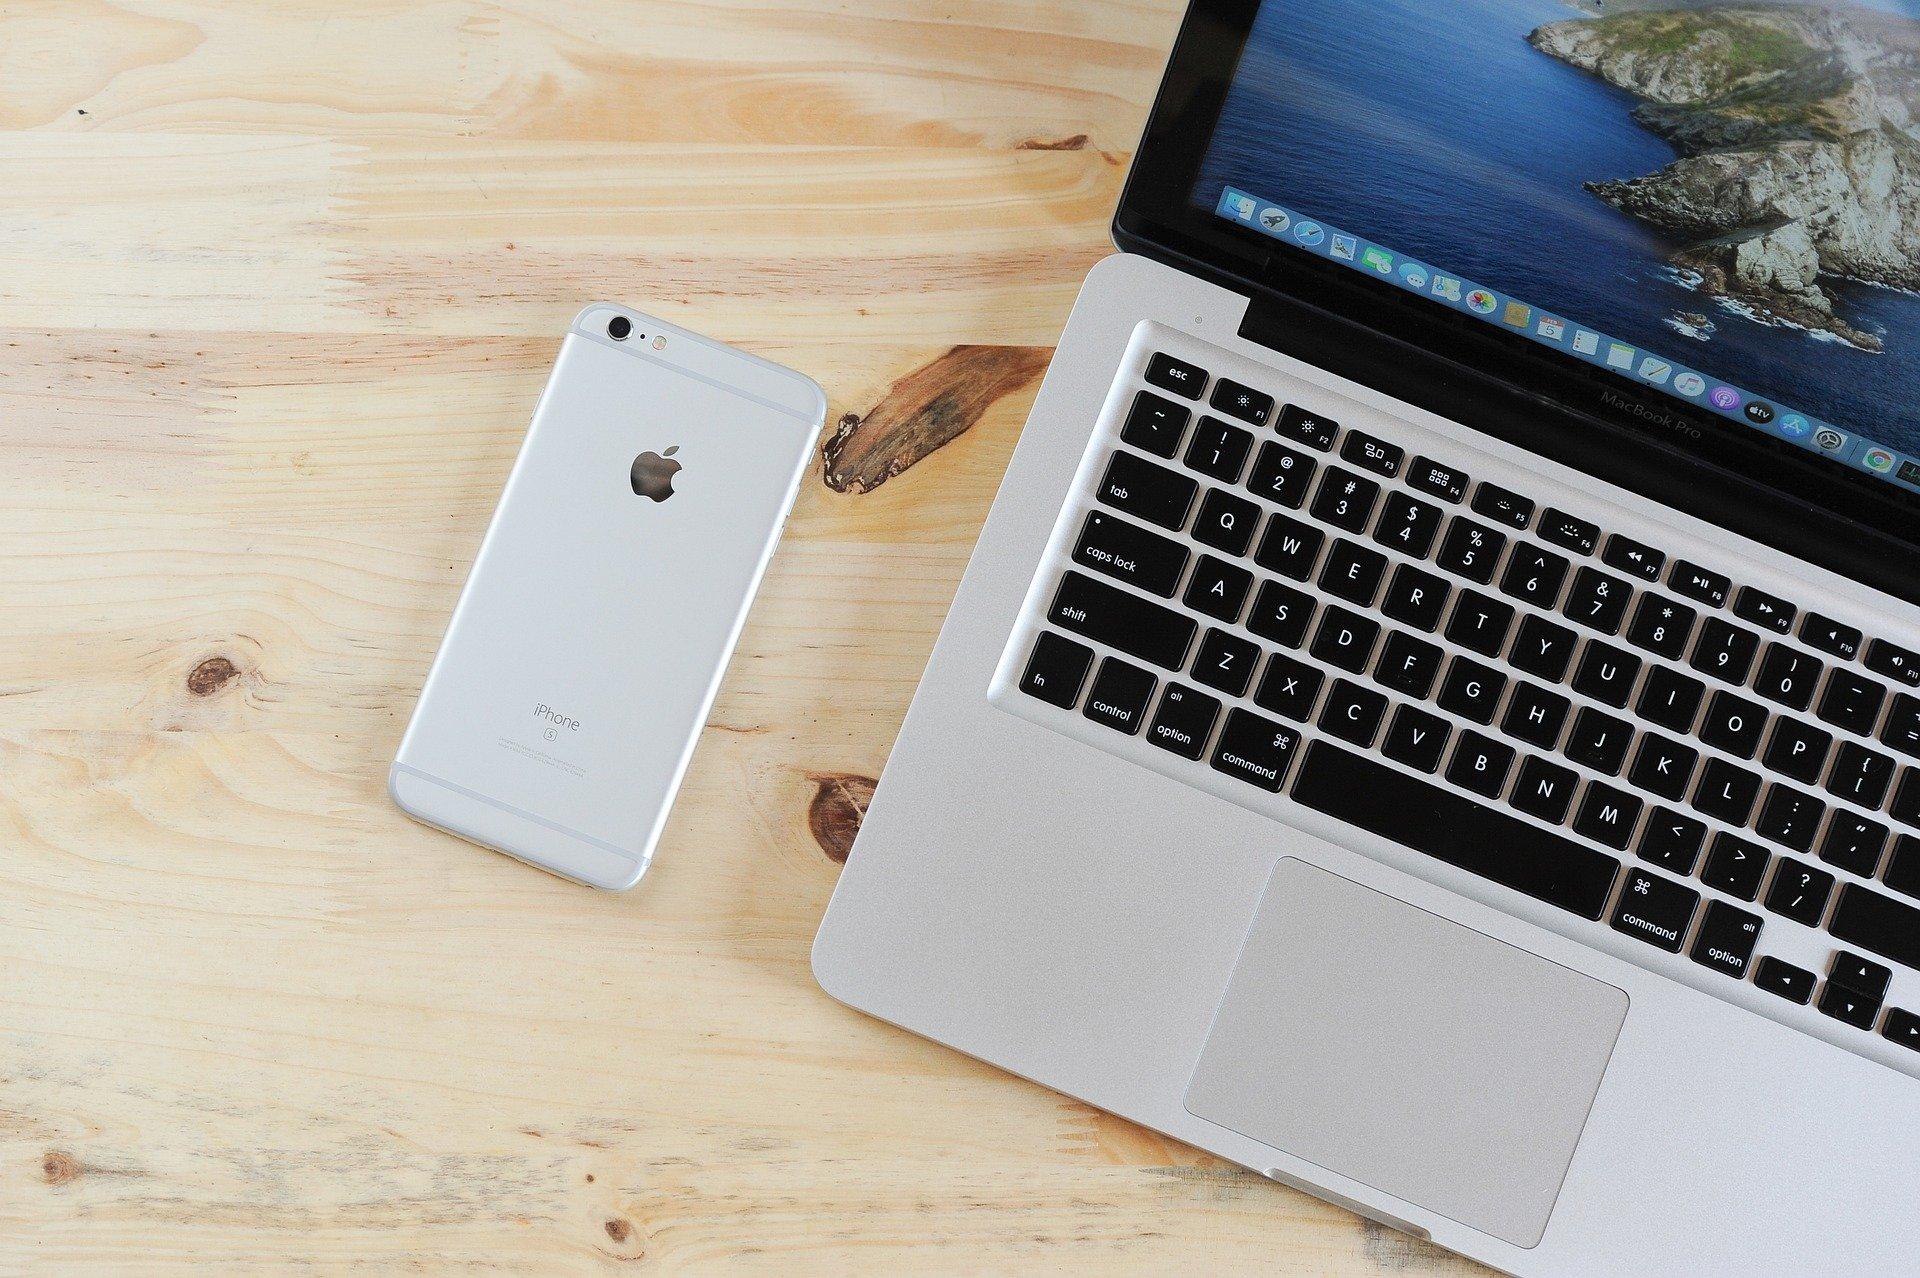 Un móvil y un ordenador para mirar qué gestoría online gratis elegir